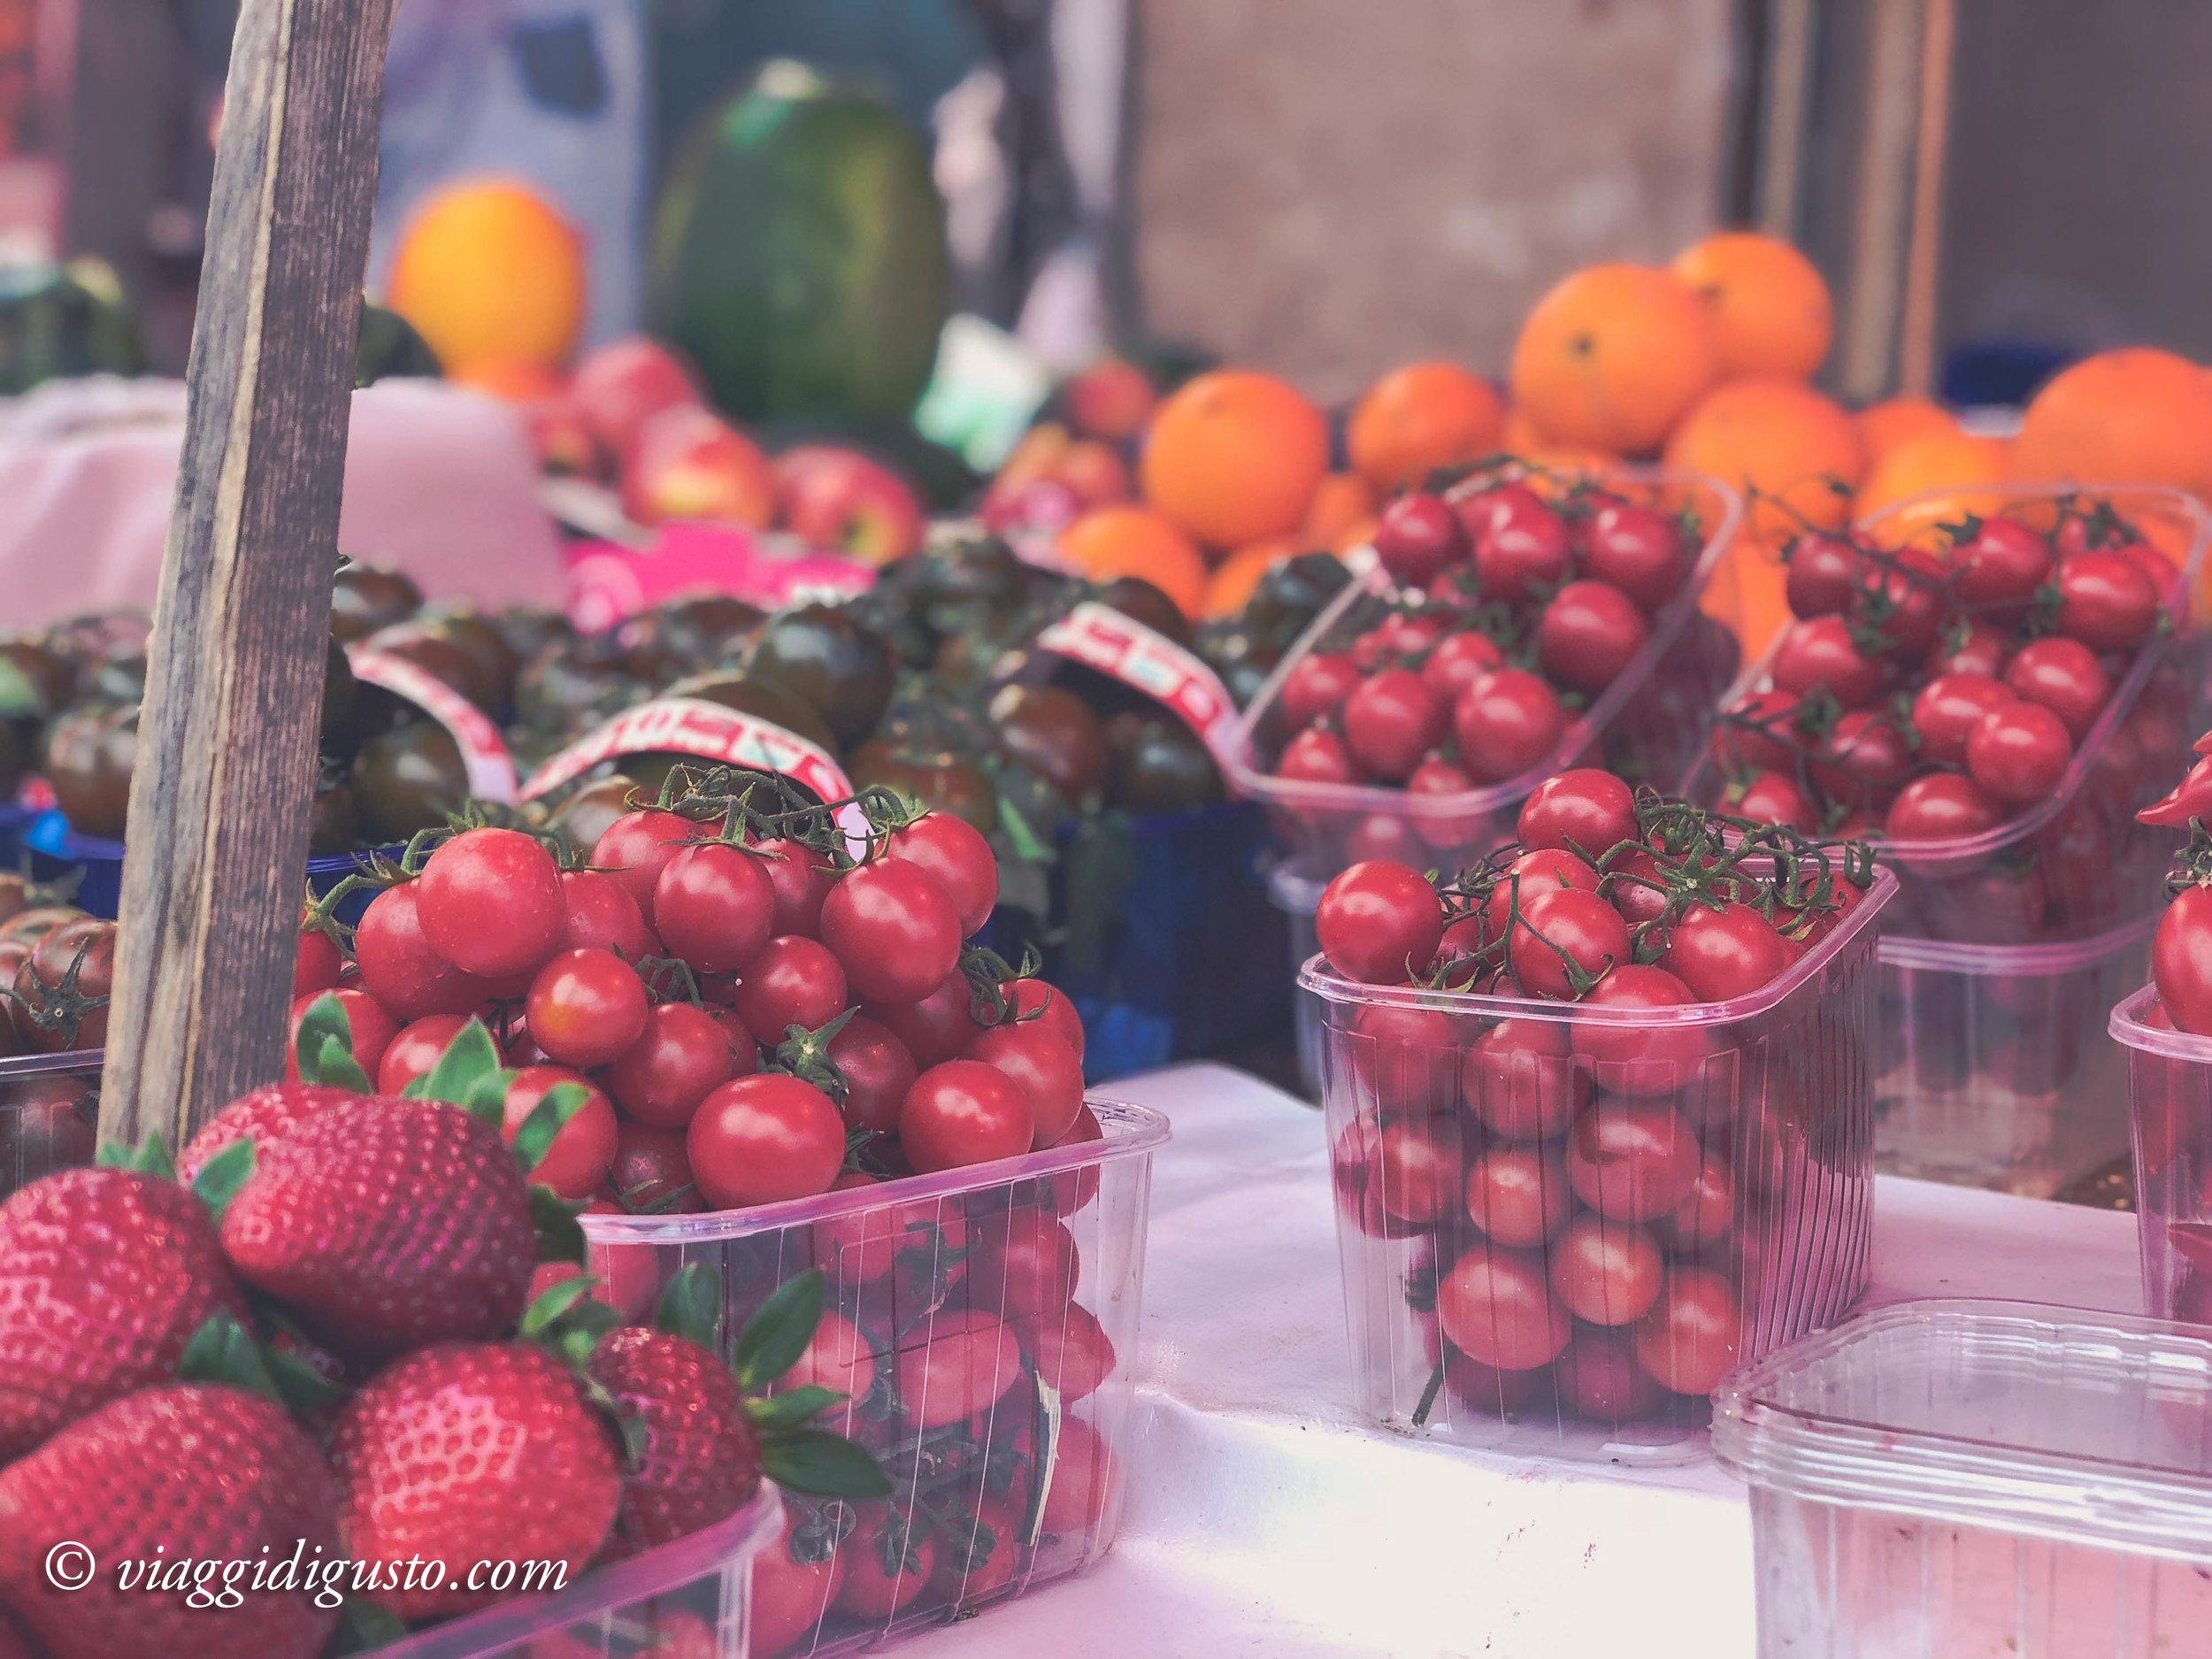 Palermo market.